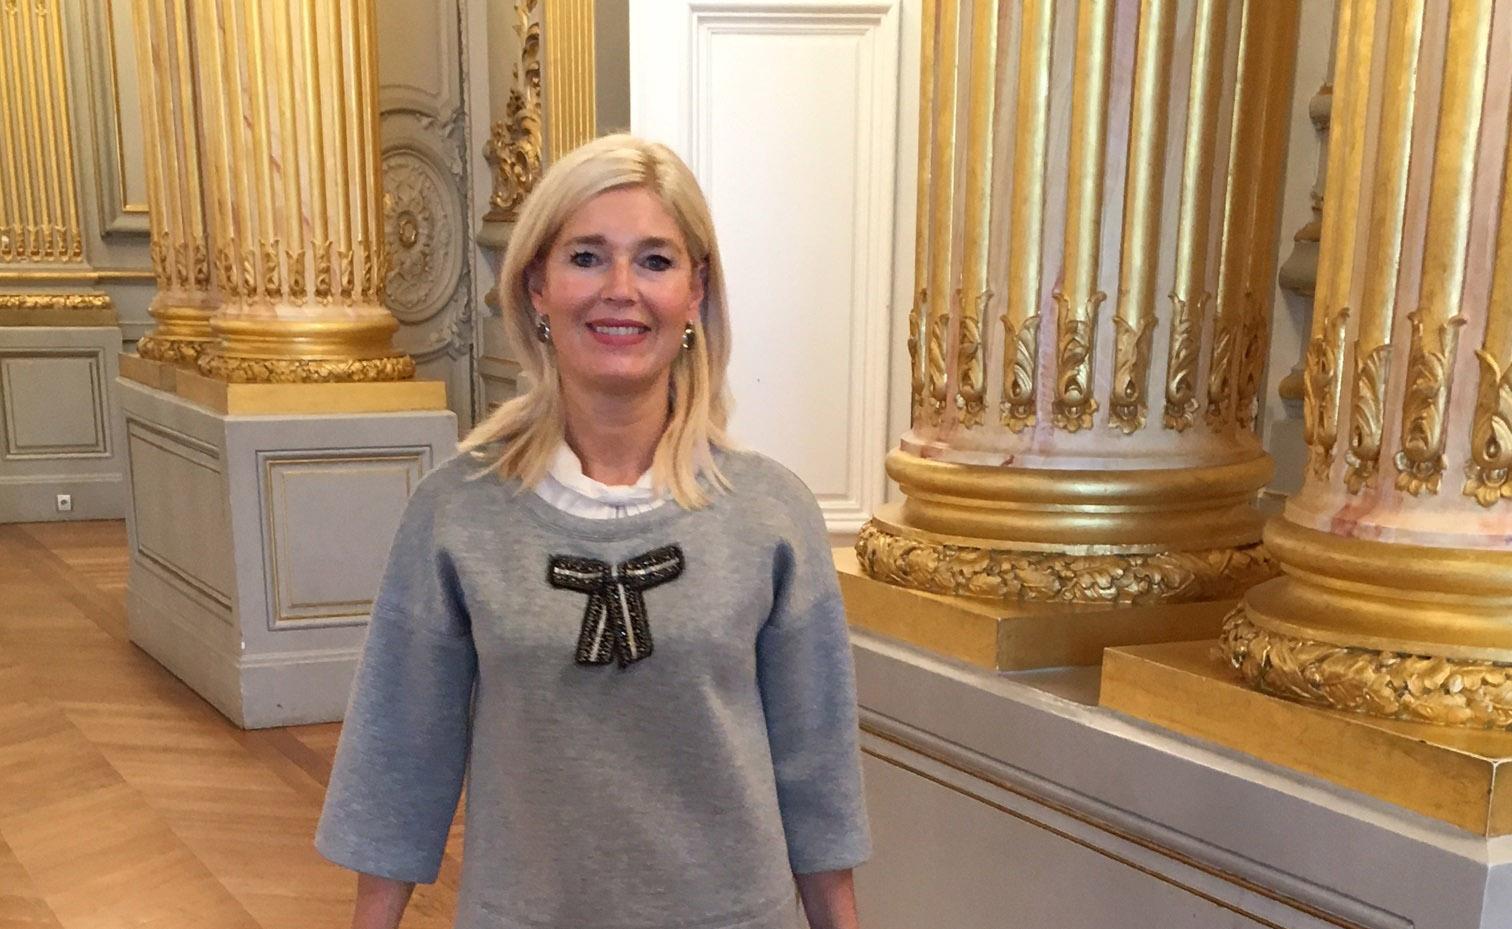 petra-dieners-modeblog-modeblogger-fashion-blog-fashionblogger-modeblog-ue-40-fashionblog-ue40-lieblingsstil1